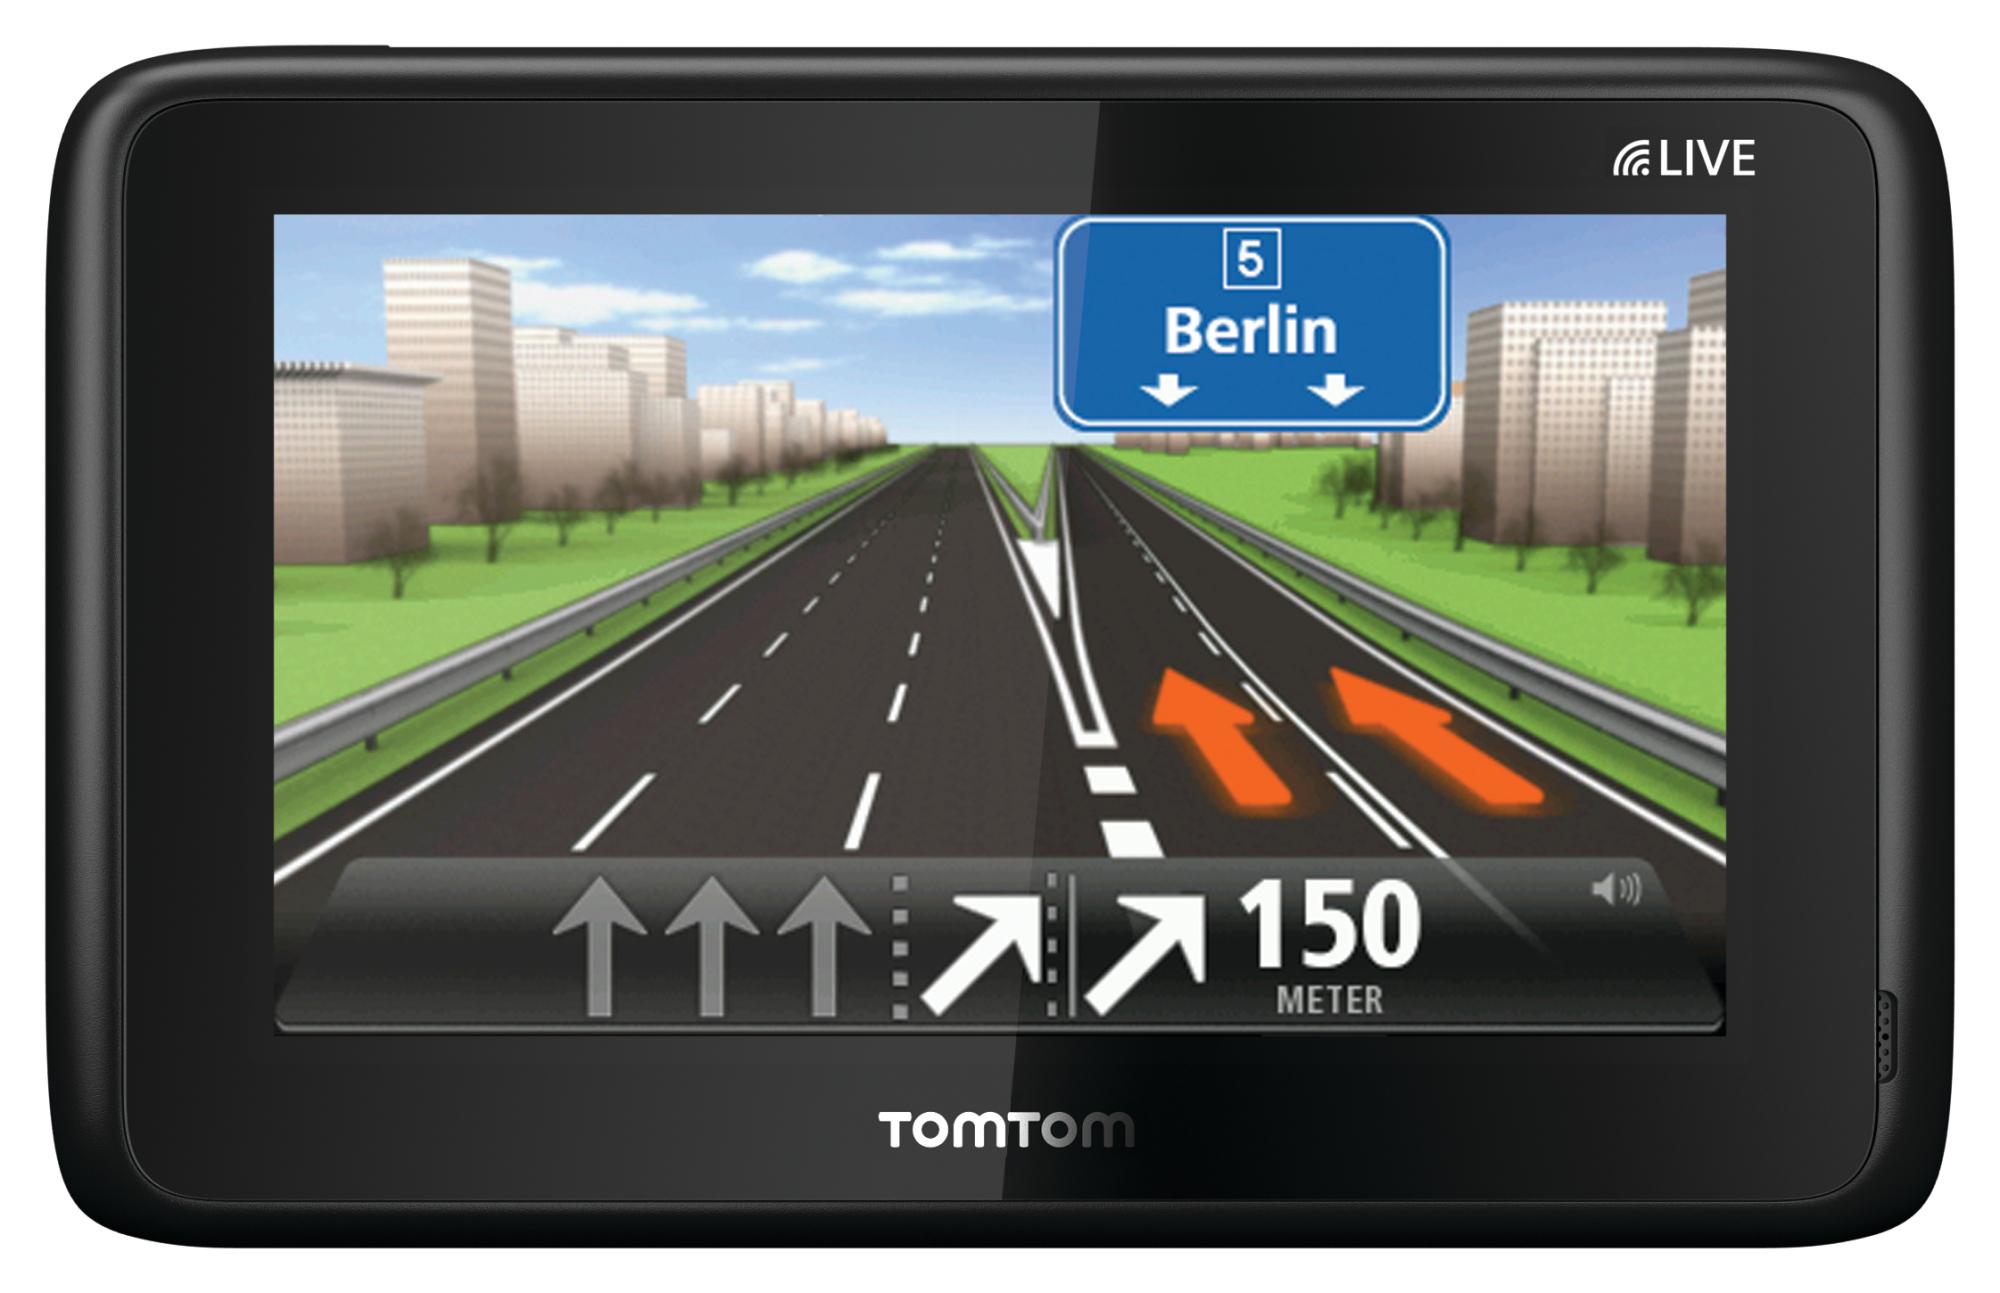 Nieuw TomTom GO LIVE 1005 (europa) - Prijzen - Tweakers DG-46